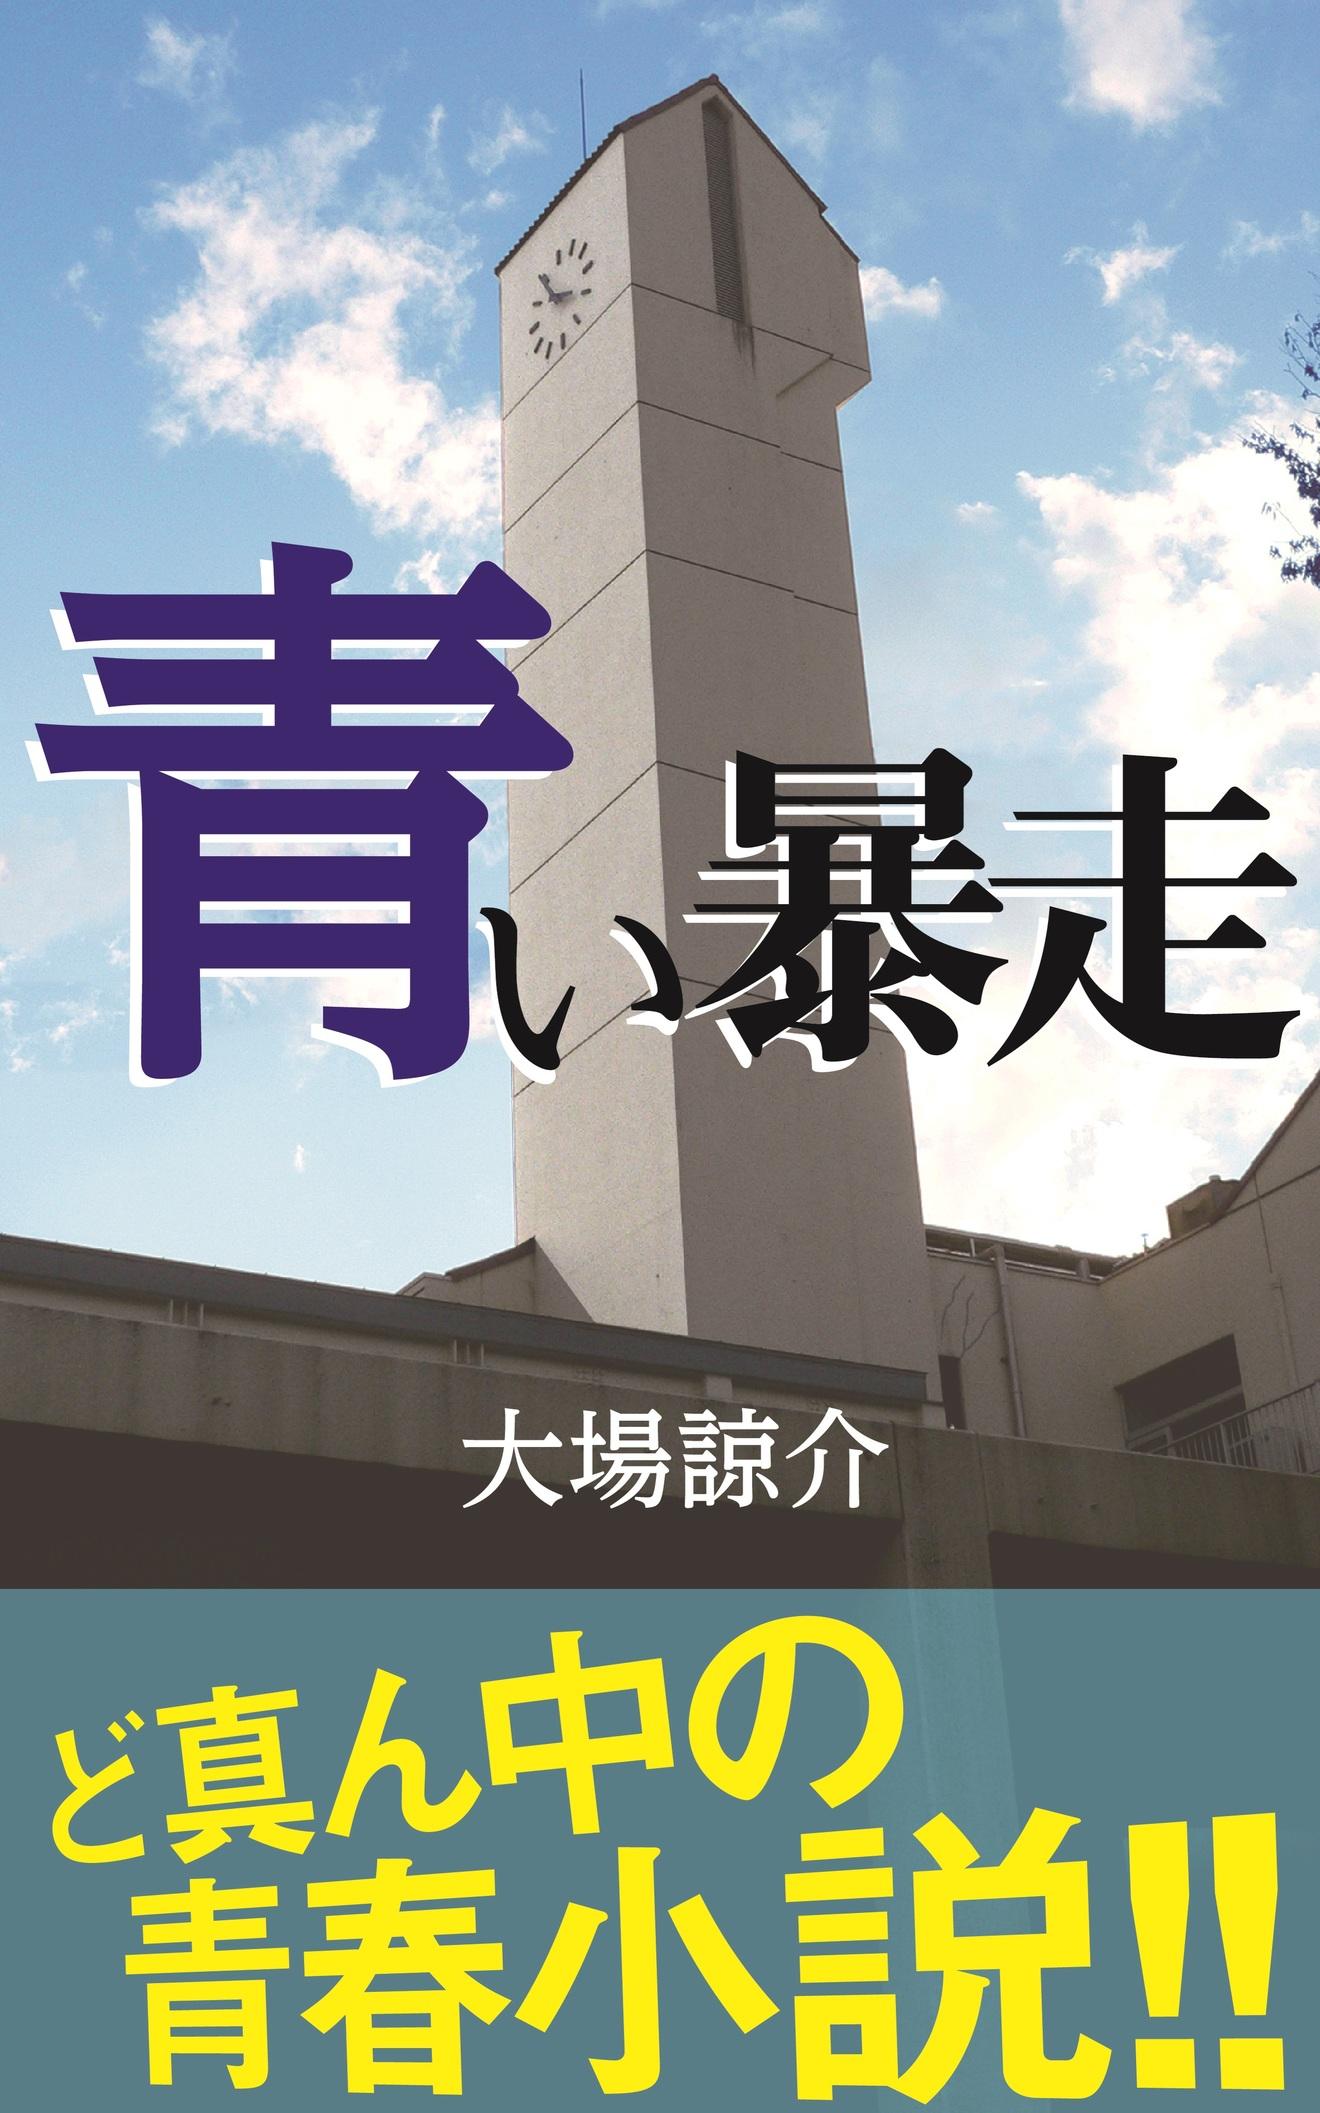 【連載小説】「青い暴走」シリーズ「優しい音」第4話【毎週土曜更新】